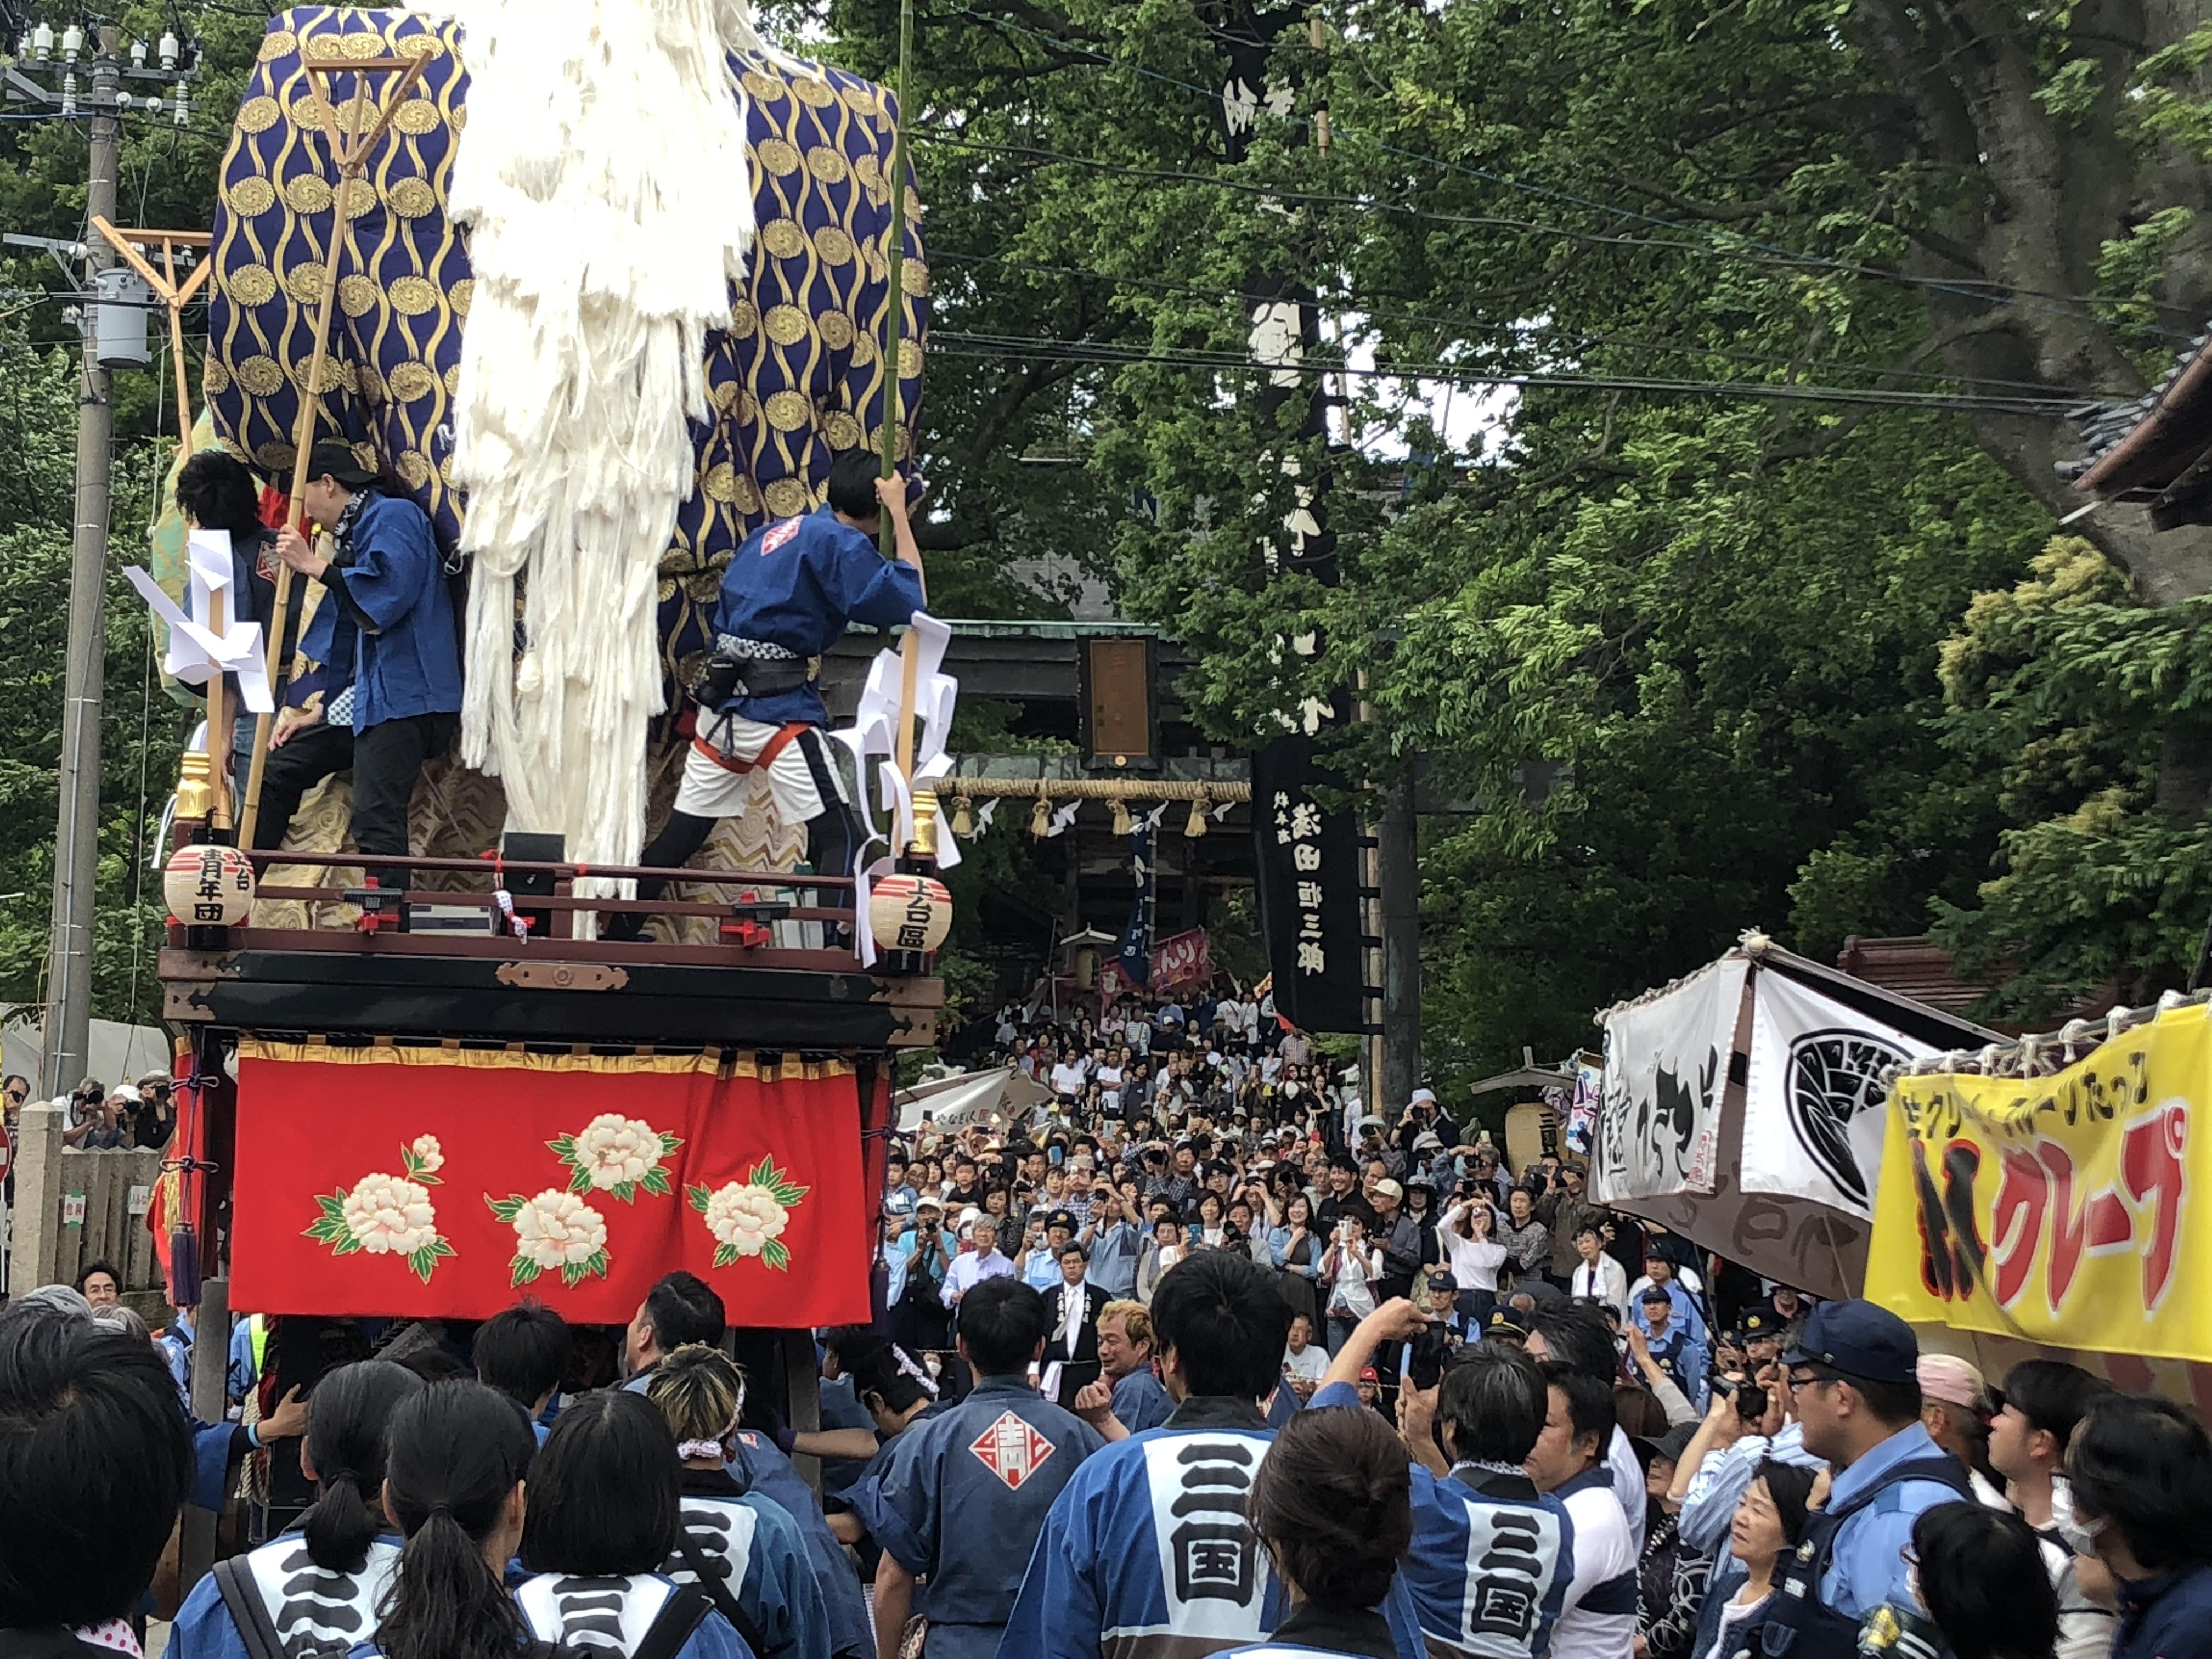 http://ud.t.u-tokyo.ac.jp/blog/_images/IMG_3450.jpg